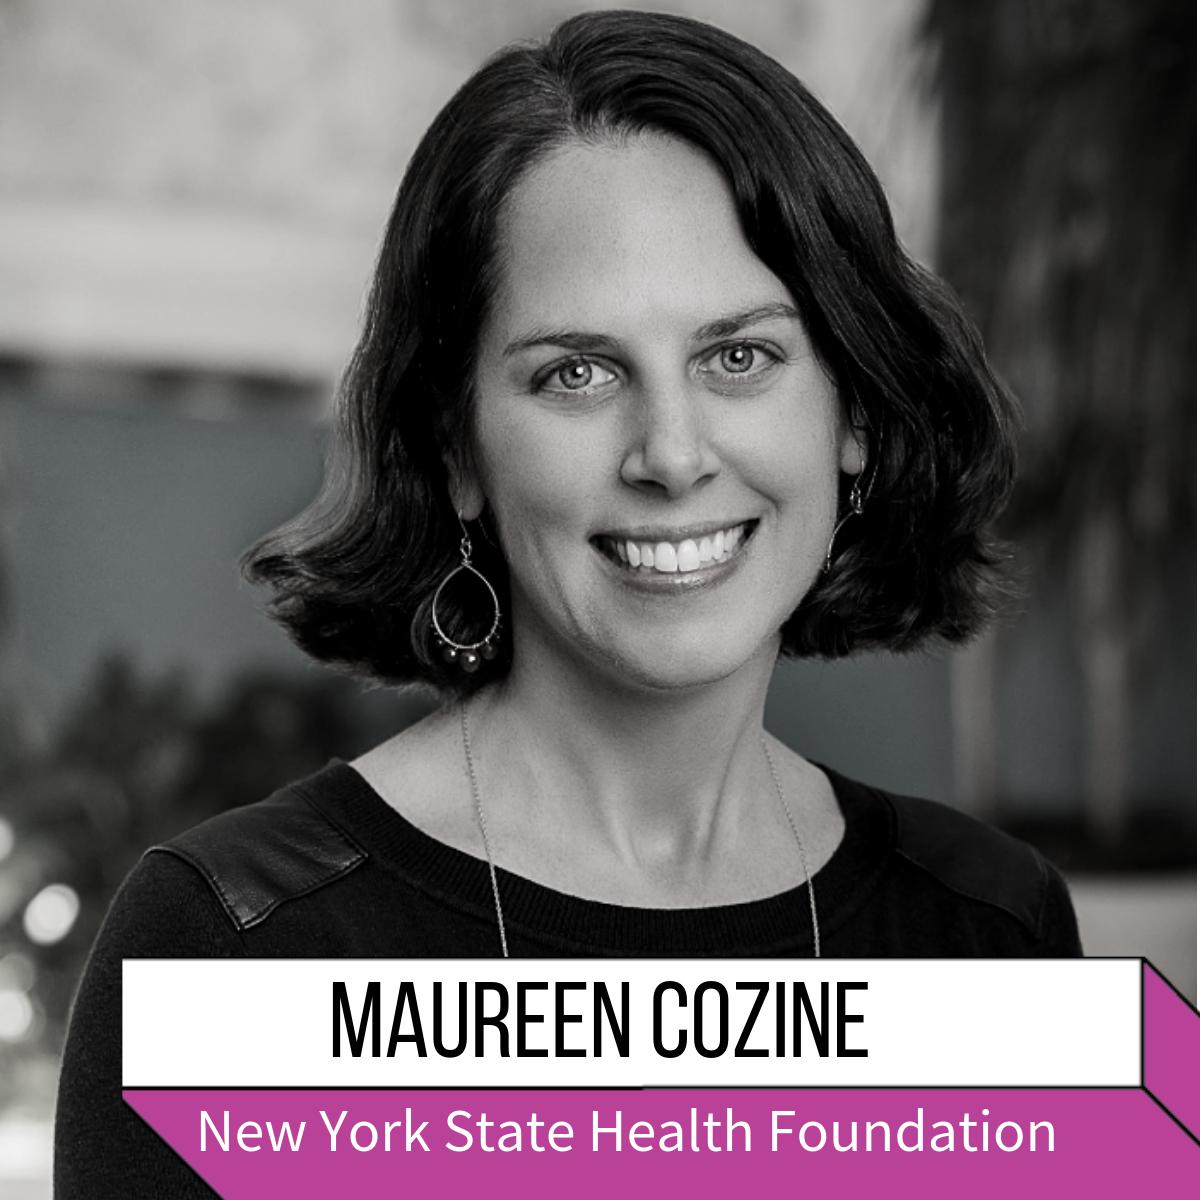 Maureen Cozine Org (1).png